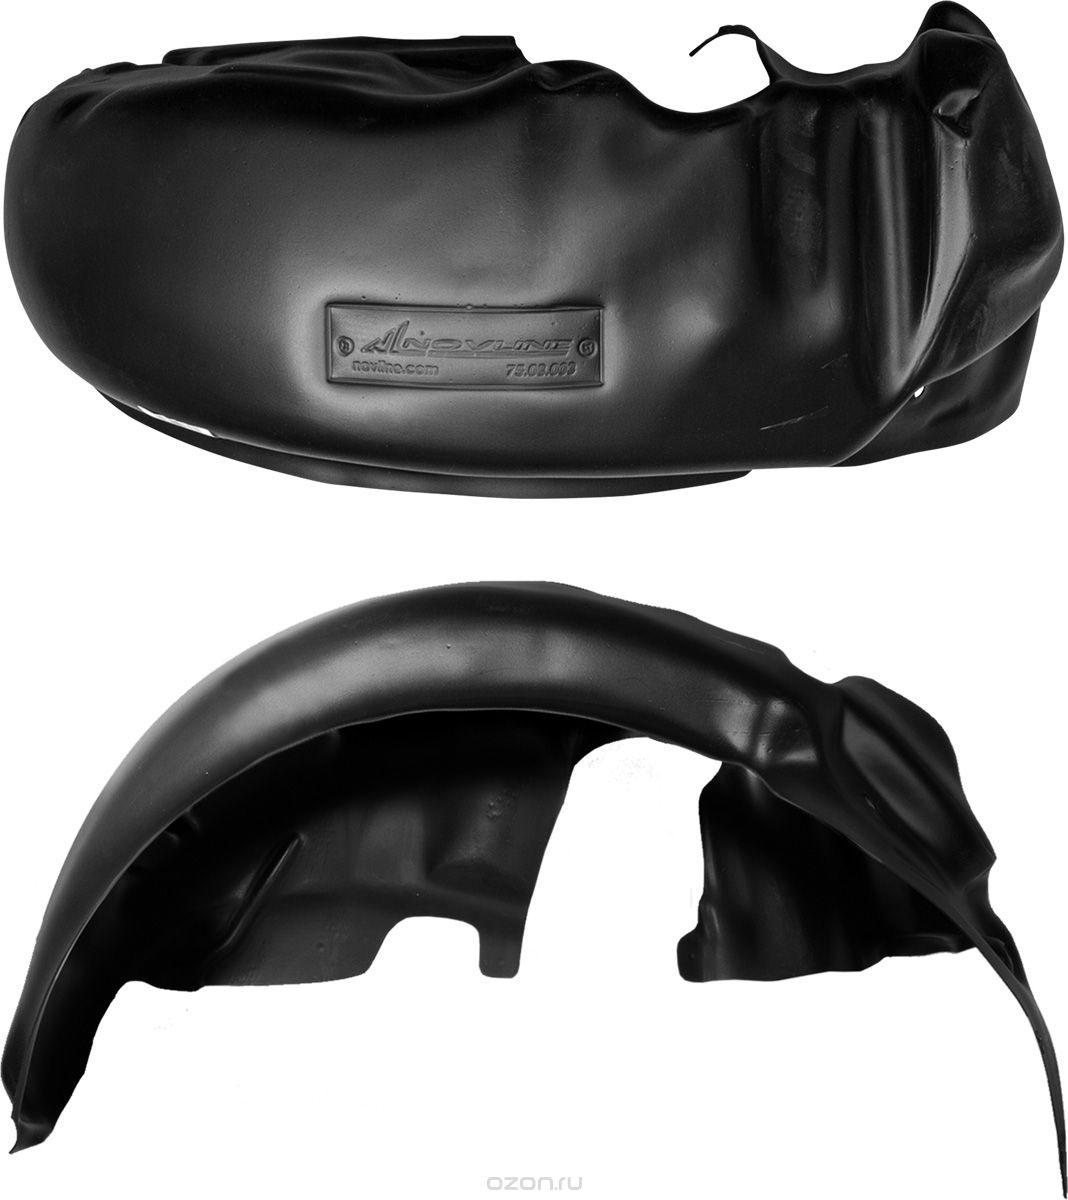 Подкрылок Novline-Autofamily, для Tagaz VORTEX Tingo, 2011-2014, задний правыйNLL.77.06.004Идеальная защита колесной ниши. Локеры разработаны с применением цифровых технологий, гарантируют максимальную повторяемость поверхности арки. Изделия устанавливаются без нарушения лакокрасочного покрытия автомобиля, каждый подкрылок комплектуется крепежом. Уважаемые клиенты, обращаем ваше внимание, что фотографии на подкрылки универсальные и не отражают реальную форму изделия. При этом само изделие идет точно под размер указанного автомобиля.